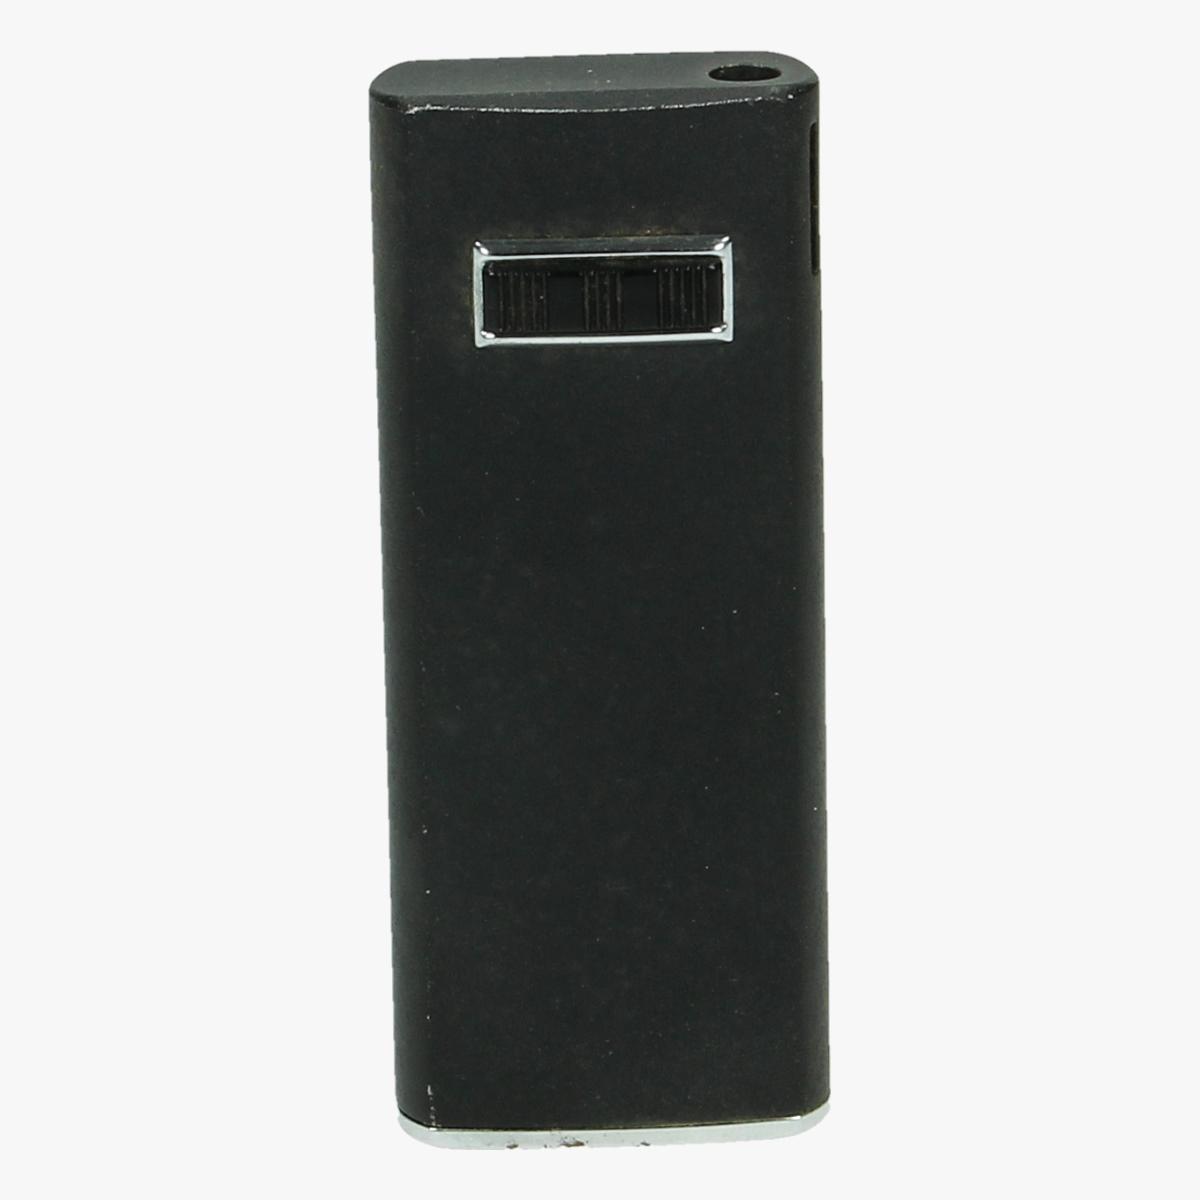 Afbeeldingen van aansteker tanita electronic battery lighter